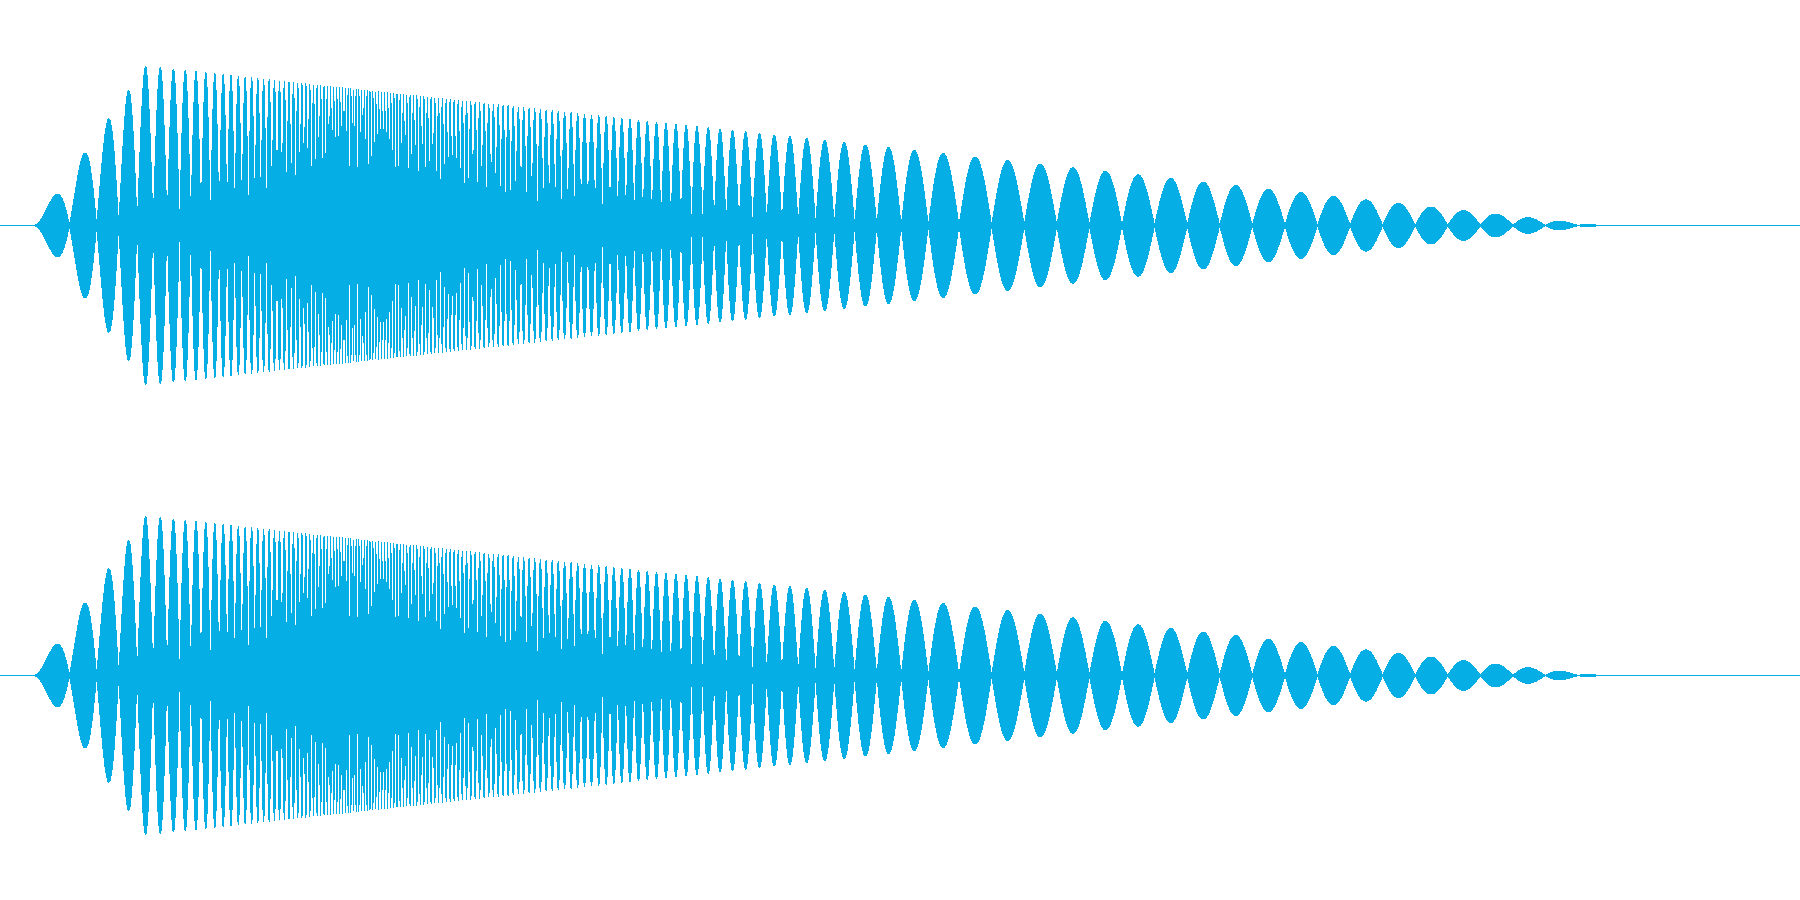 【コミカル】肉球・足音・スタンプ5の再生済みの波形